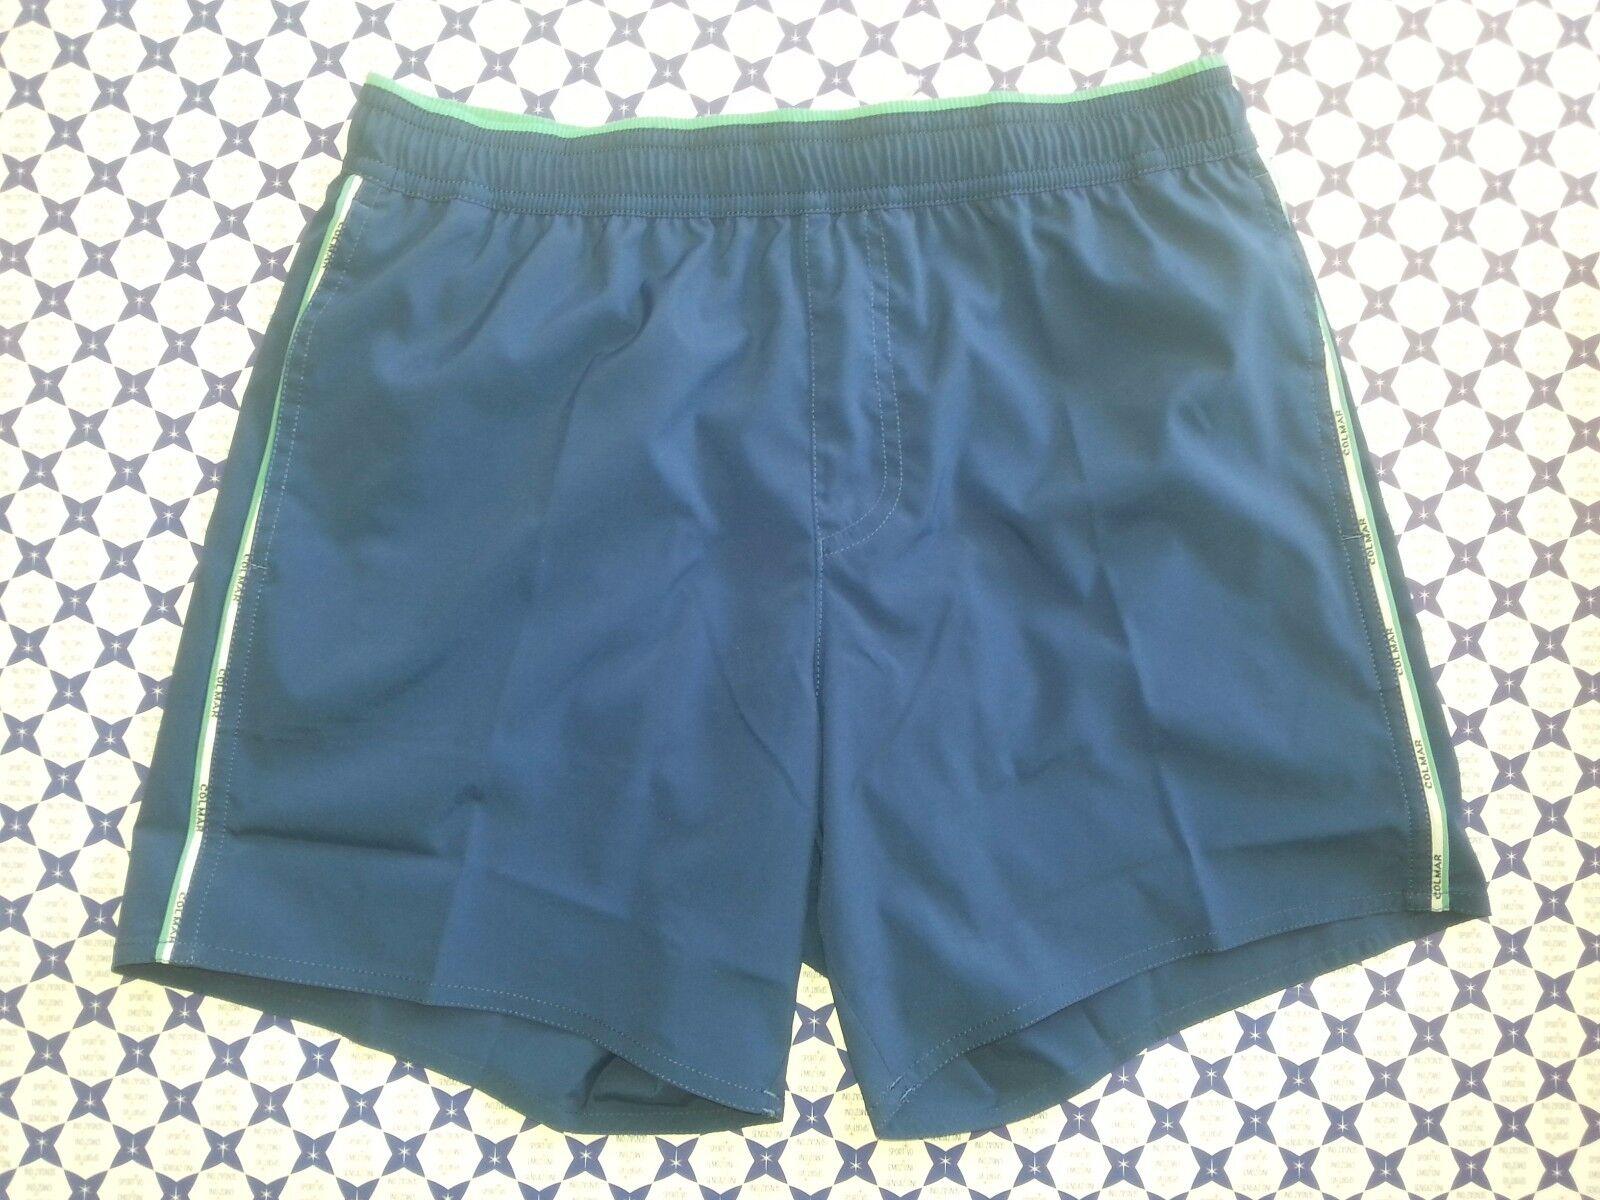 Costume Boxer COLMAR - Blu/Celeste Piping Lat. Logato- Mare Piscina -72231QF 250